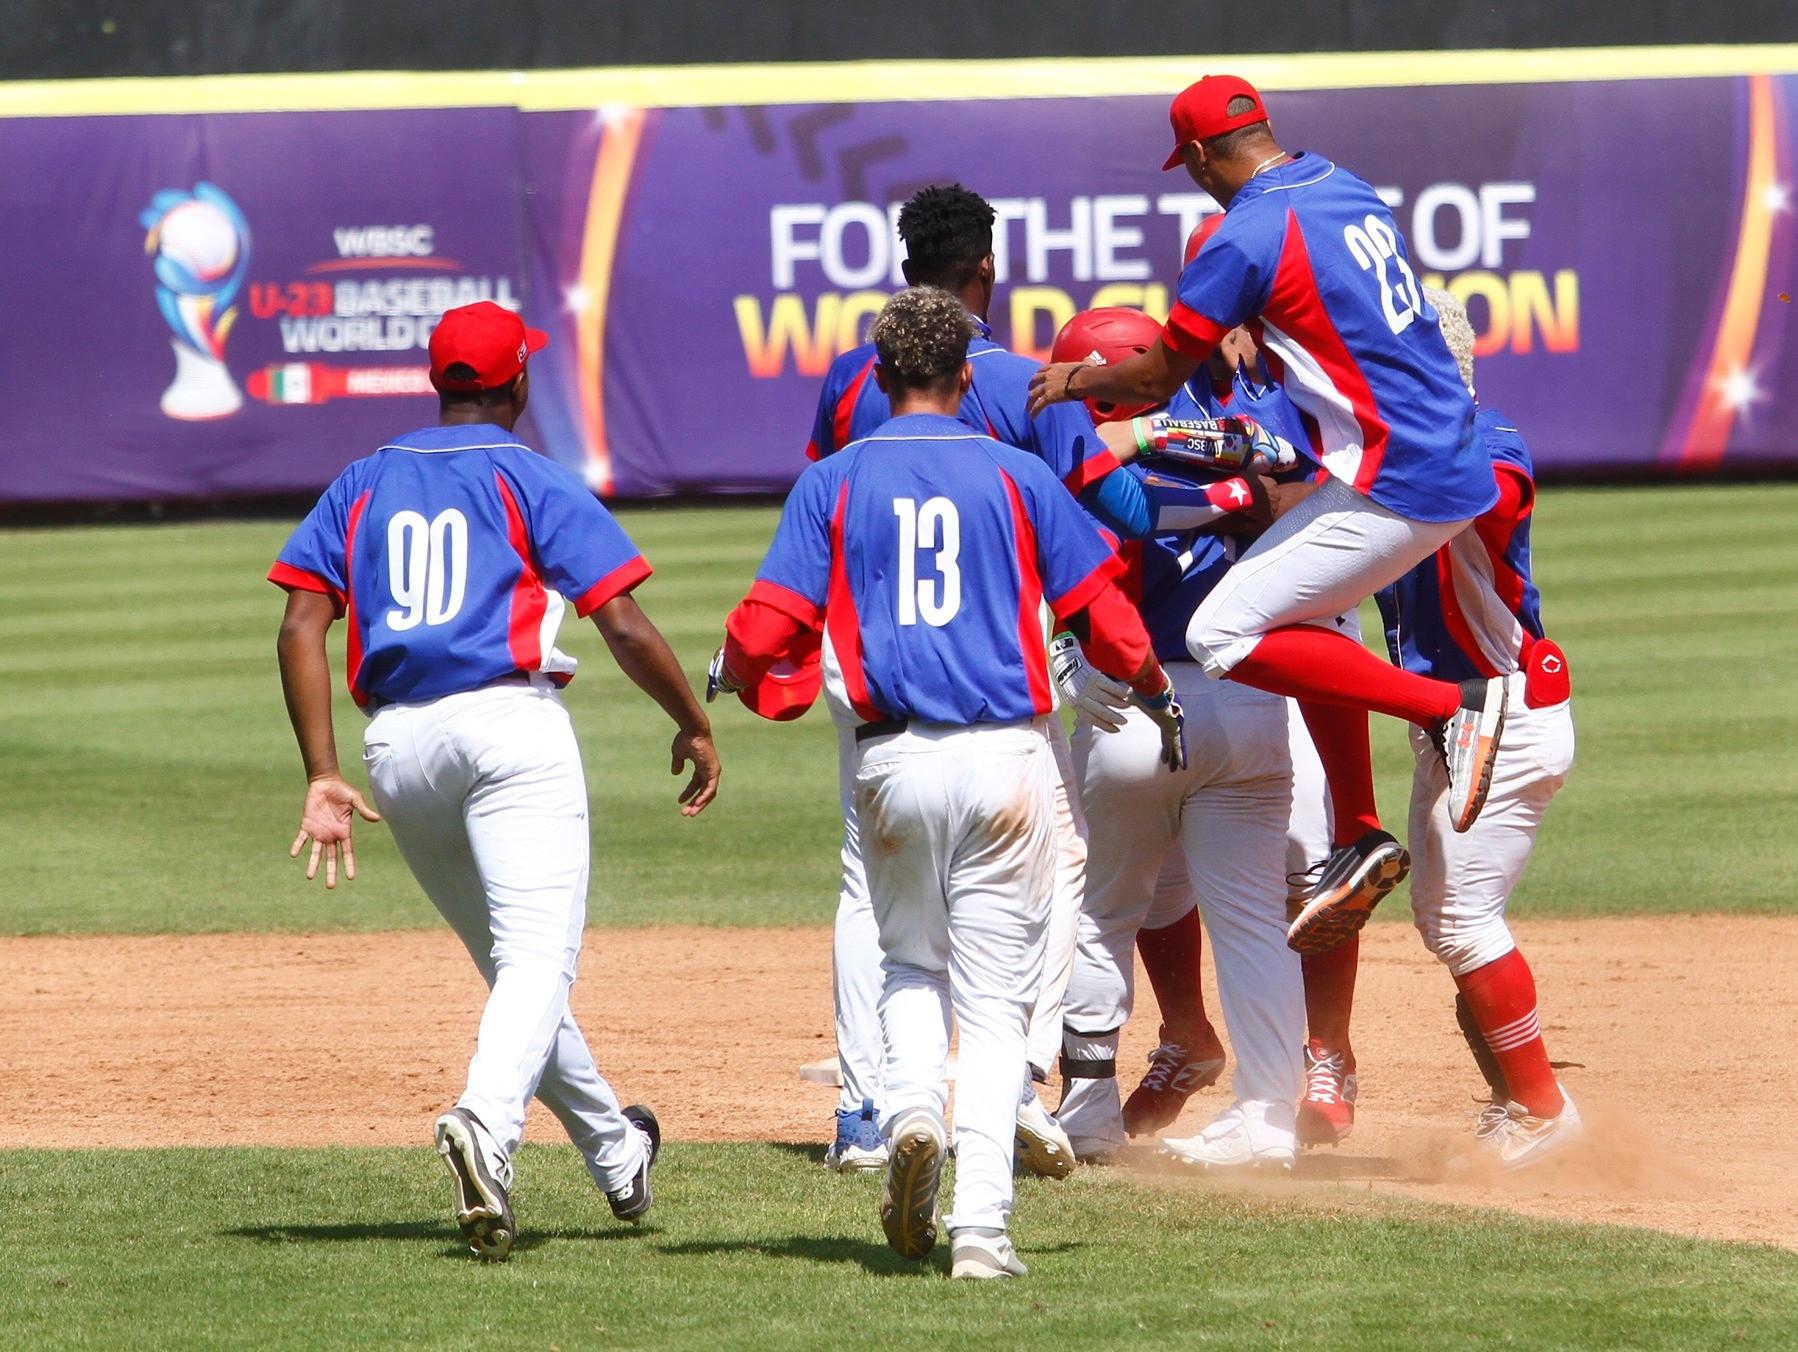 Jugadores cubanos desertan durante el Mundial de Béisbol Sub-23